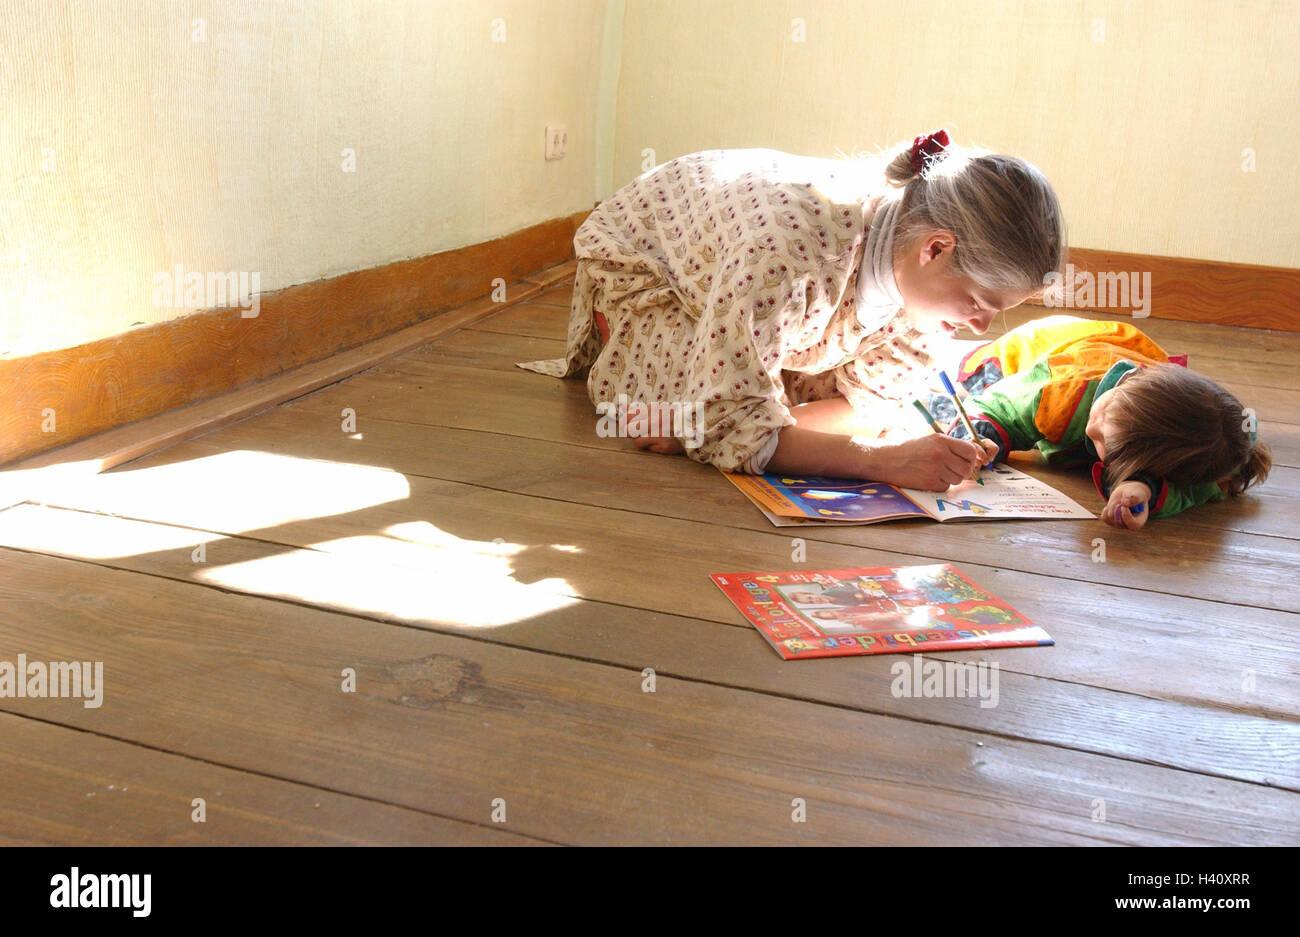 Fußboden Für Wohnung ~ Mutter tochter winkel des zimmers stock knien schreiben